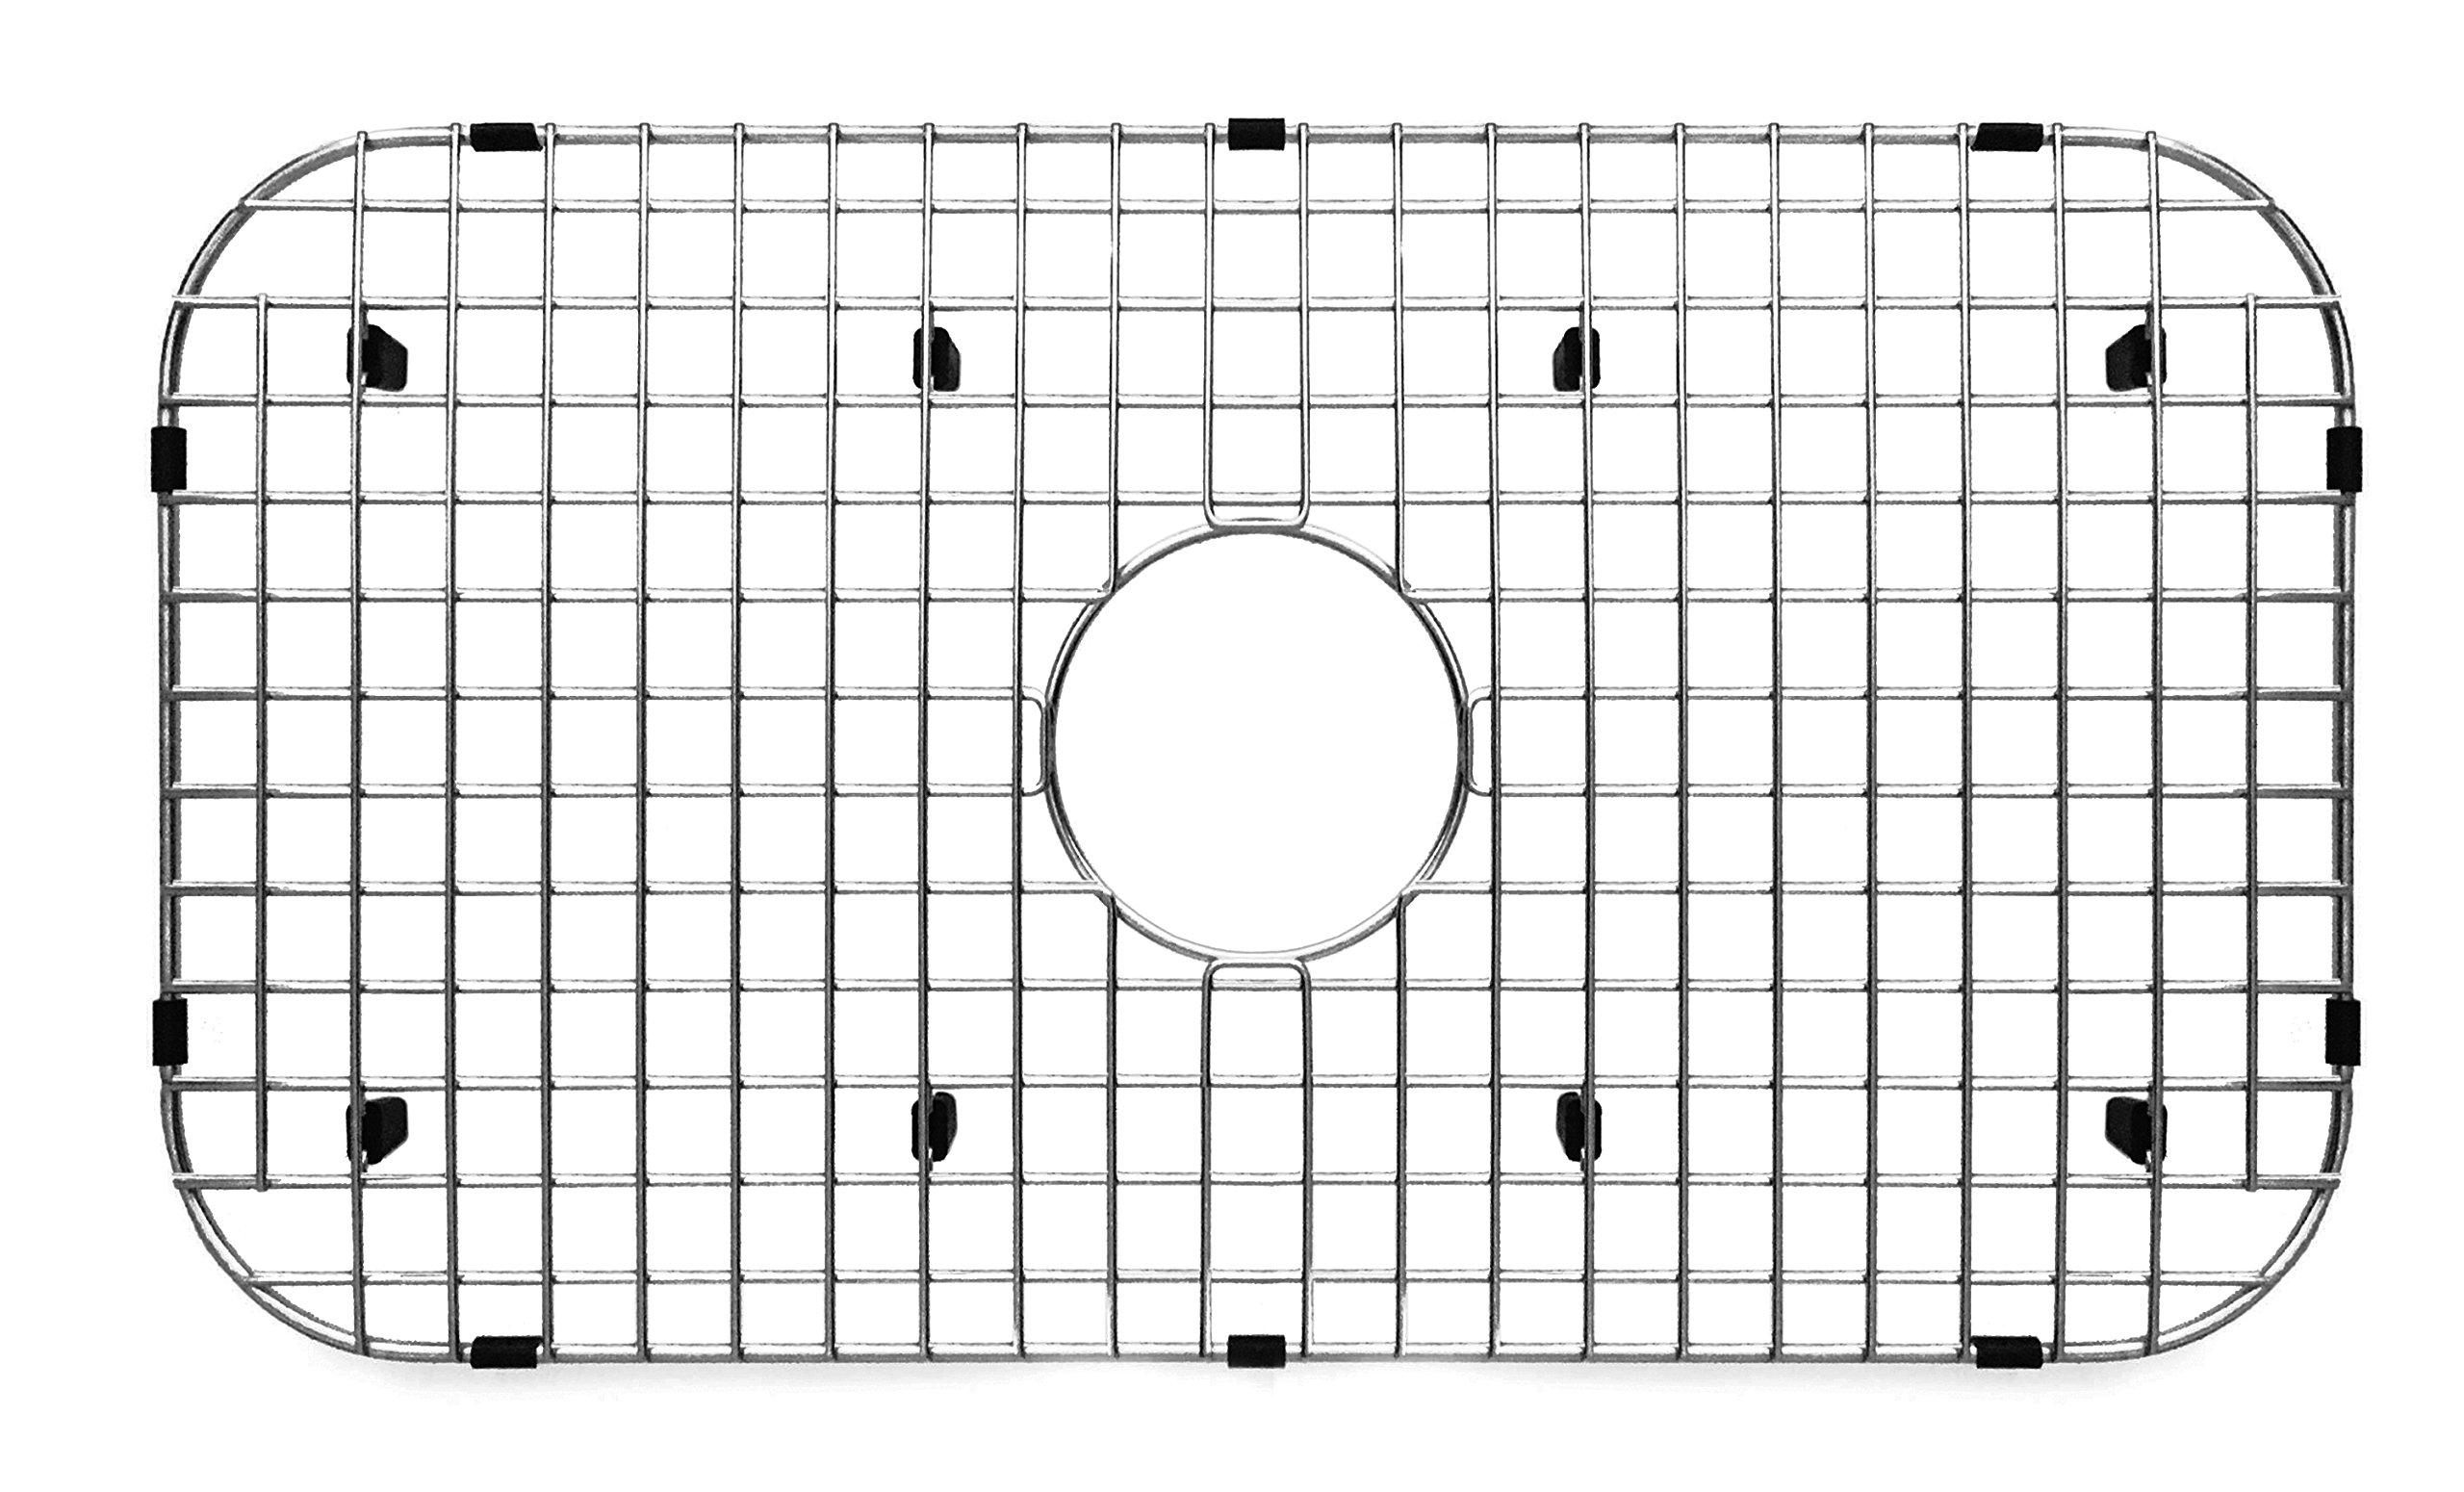 Daweier EBG662358 Bottom Grid for Sink